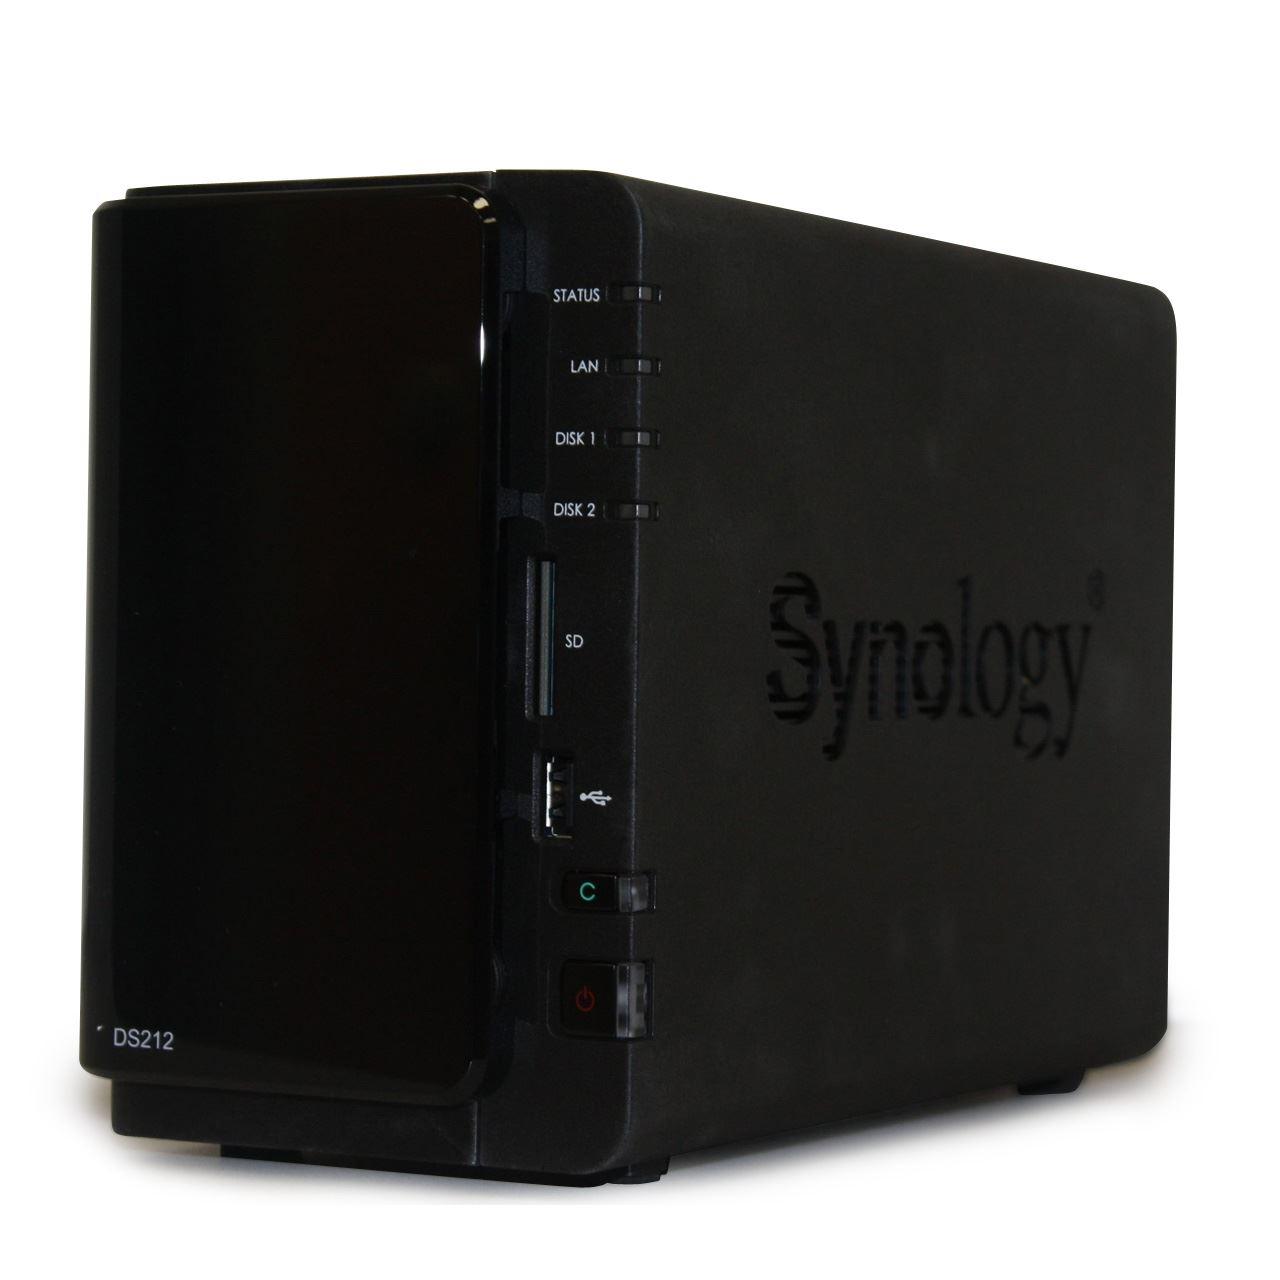 Synology Festplatte Tauschen Ohne Raid